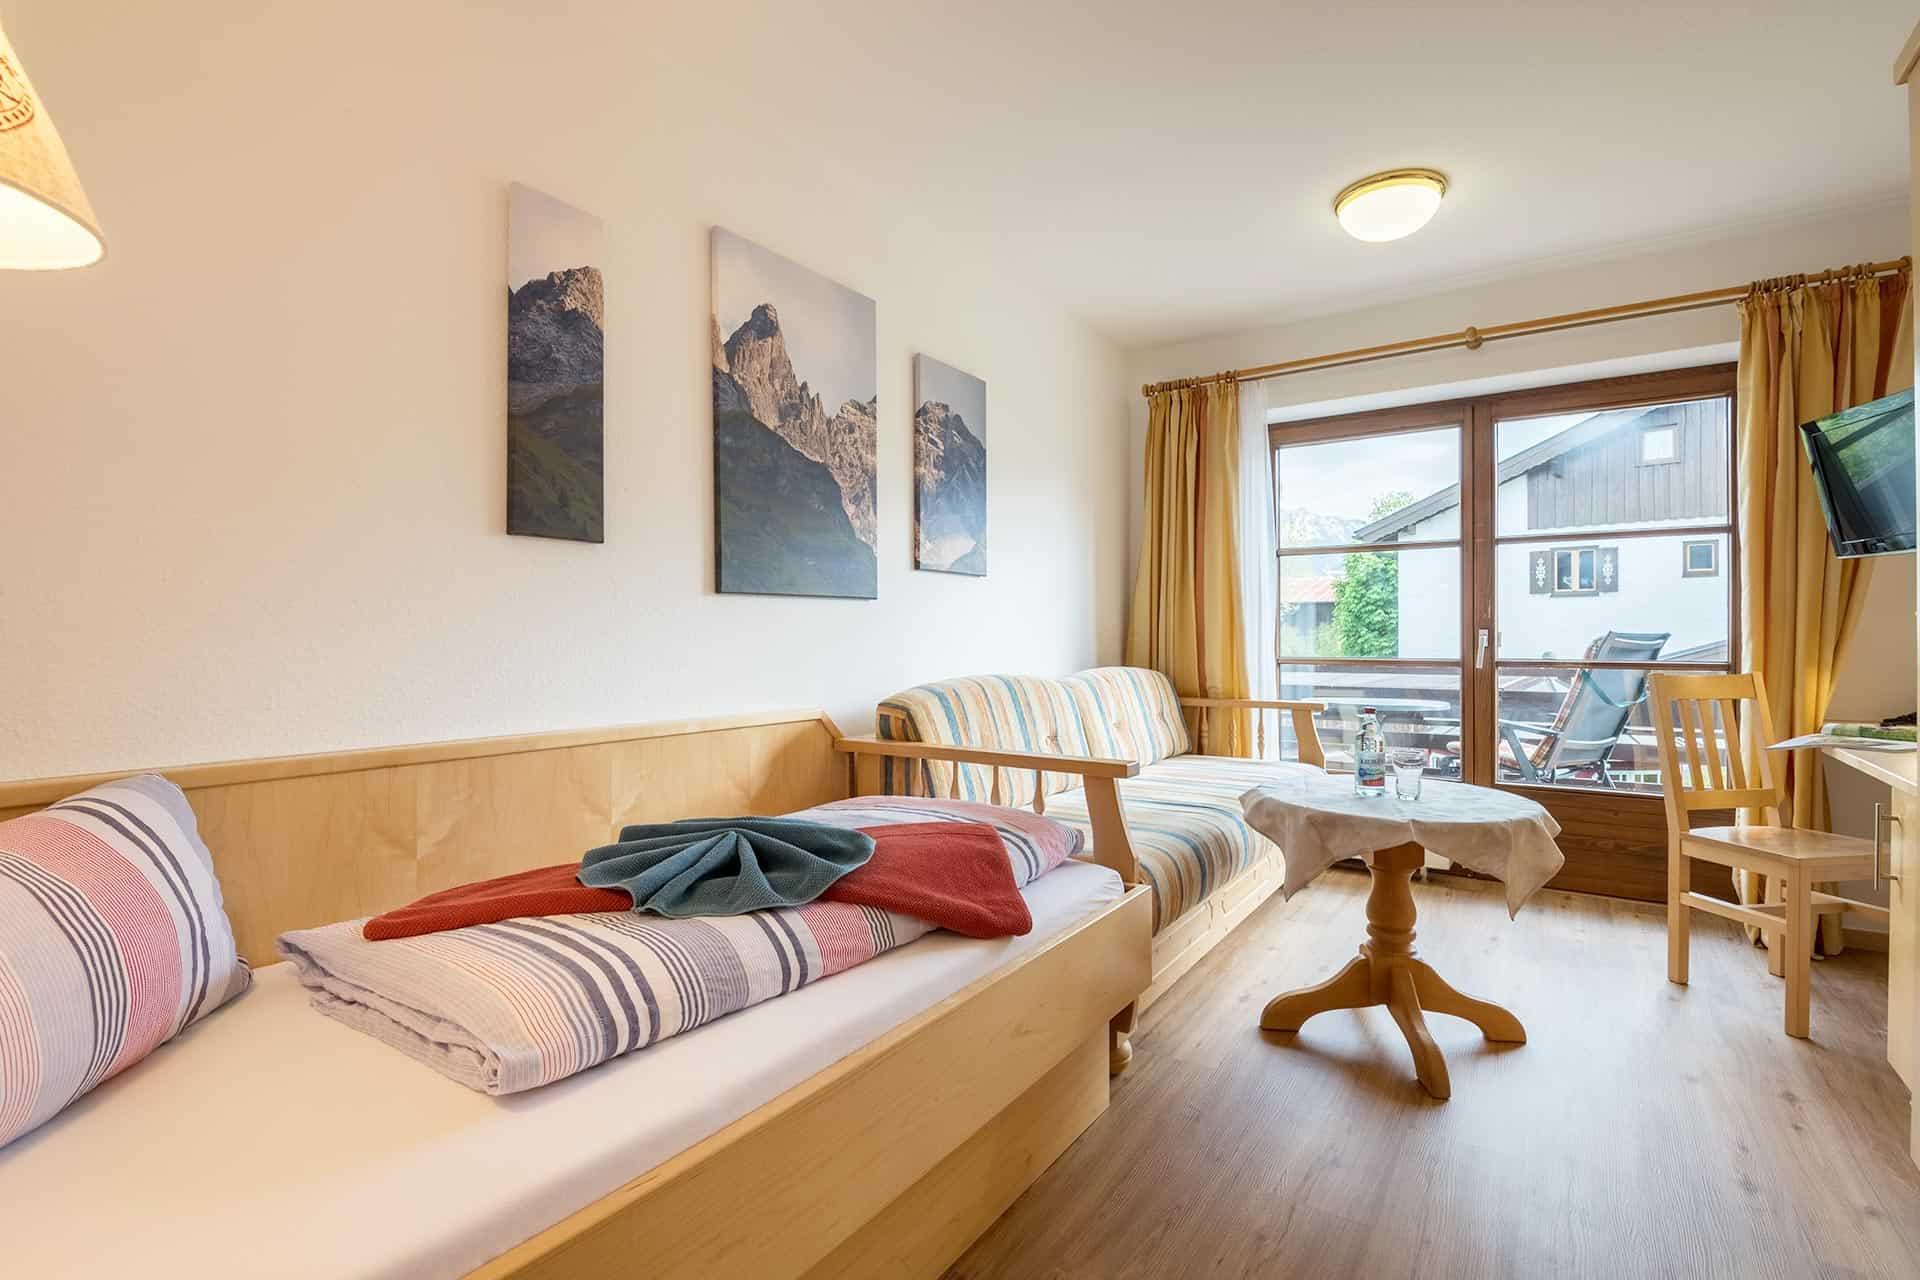 Sonnenheim Hotel Garni Einzelzimmer mit Balkon